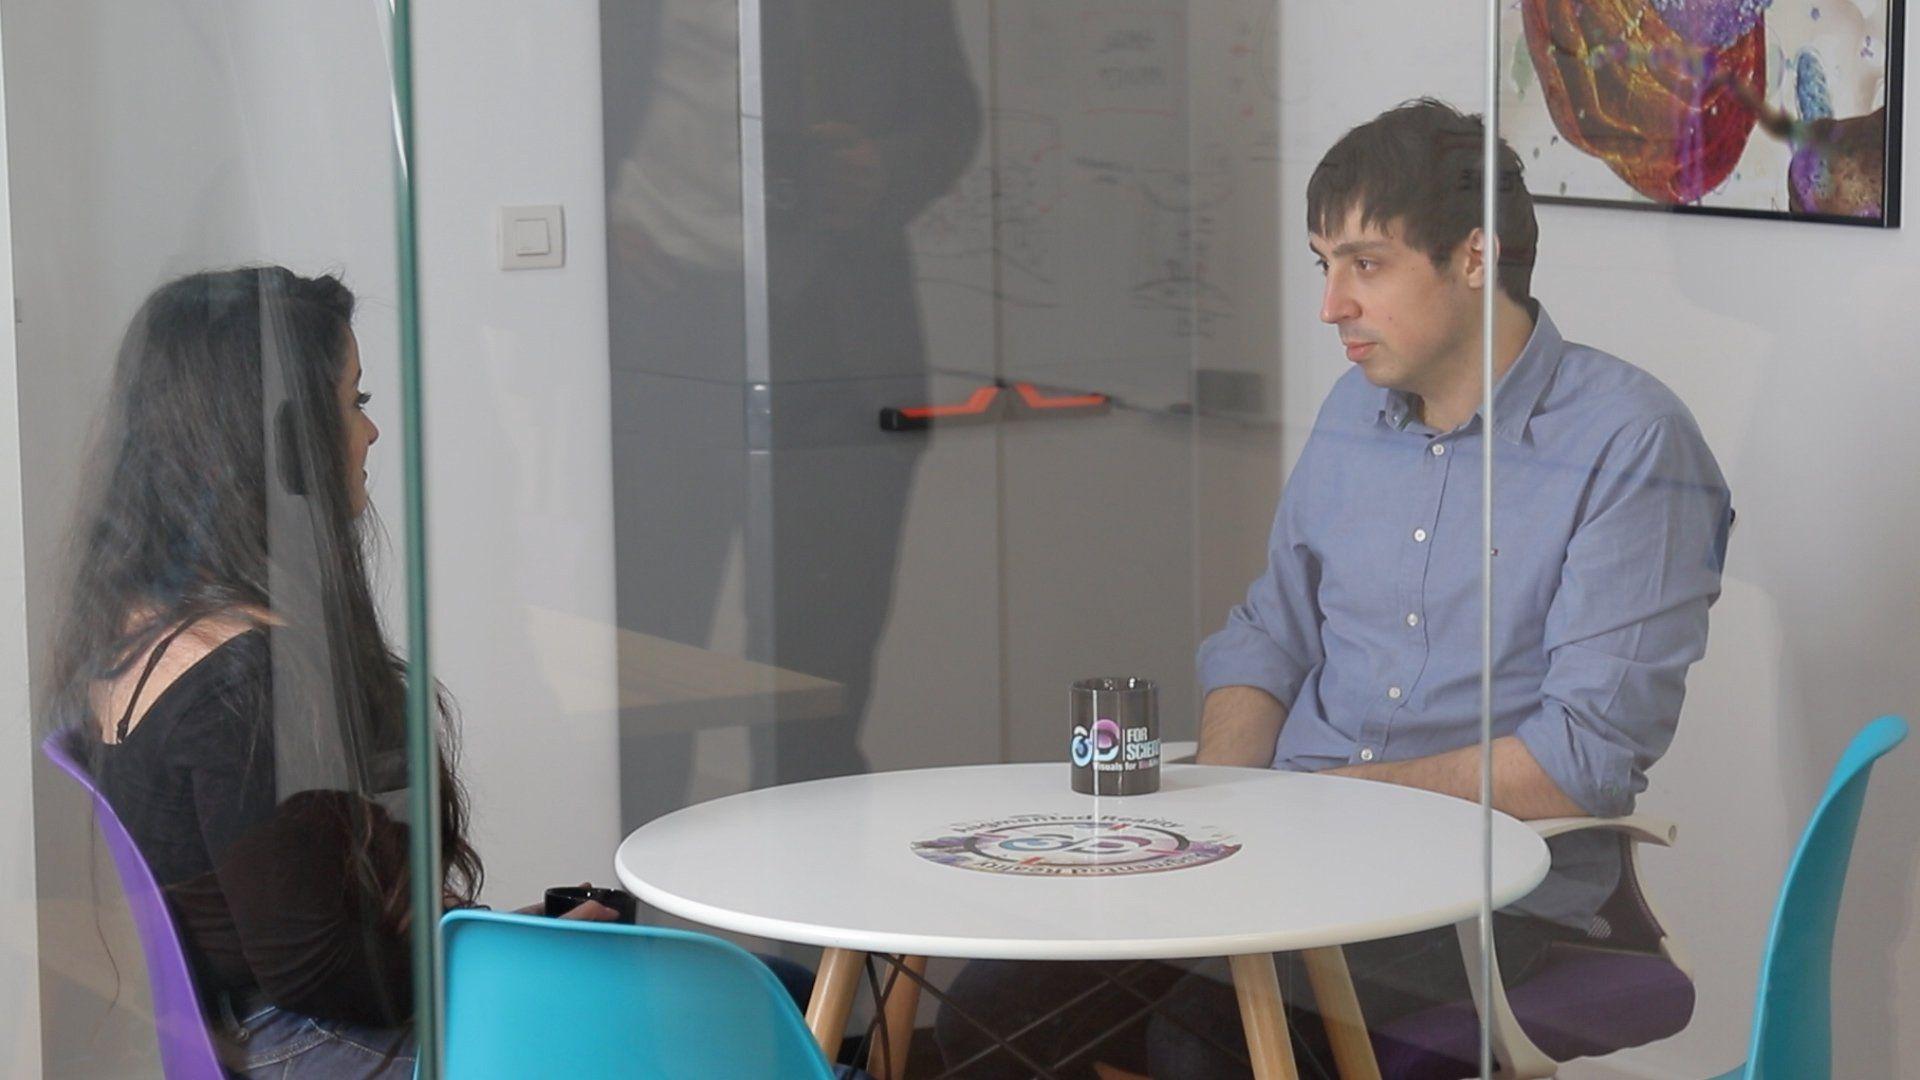 office 3dforscience